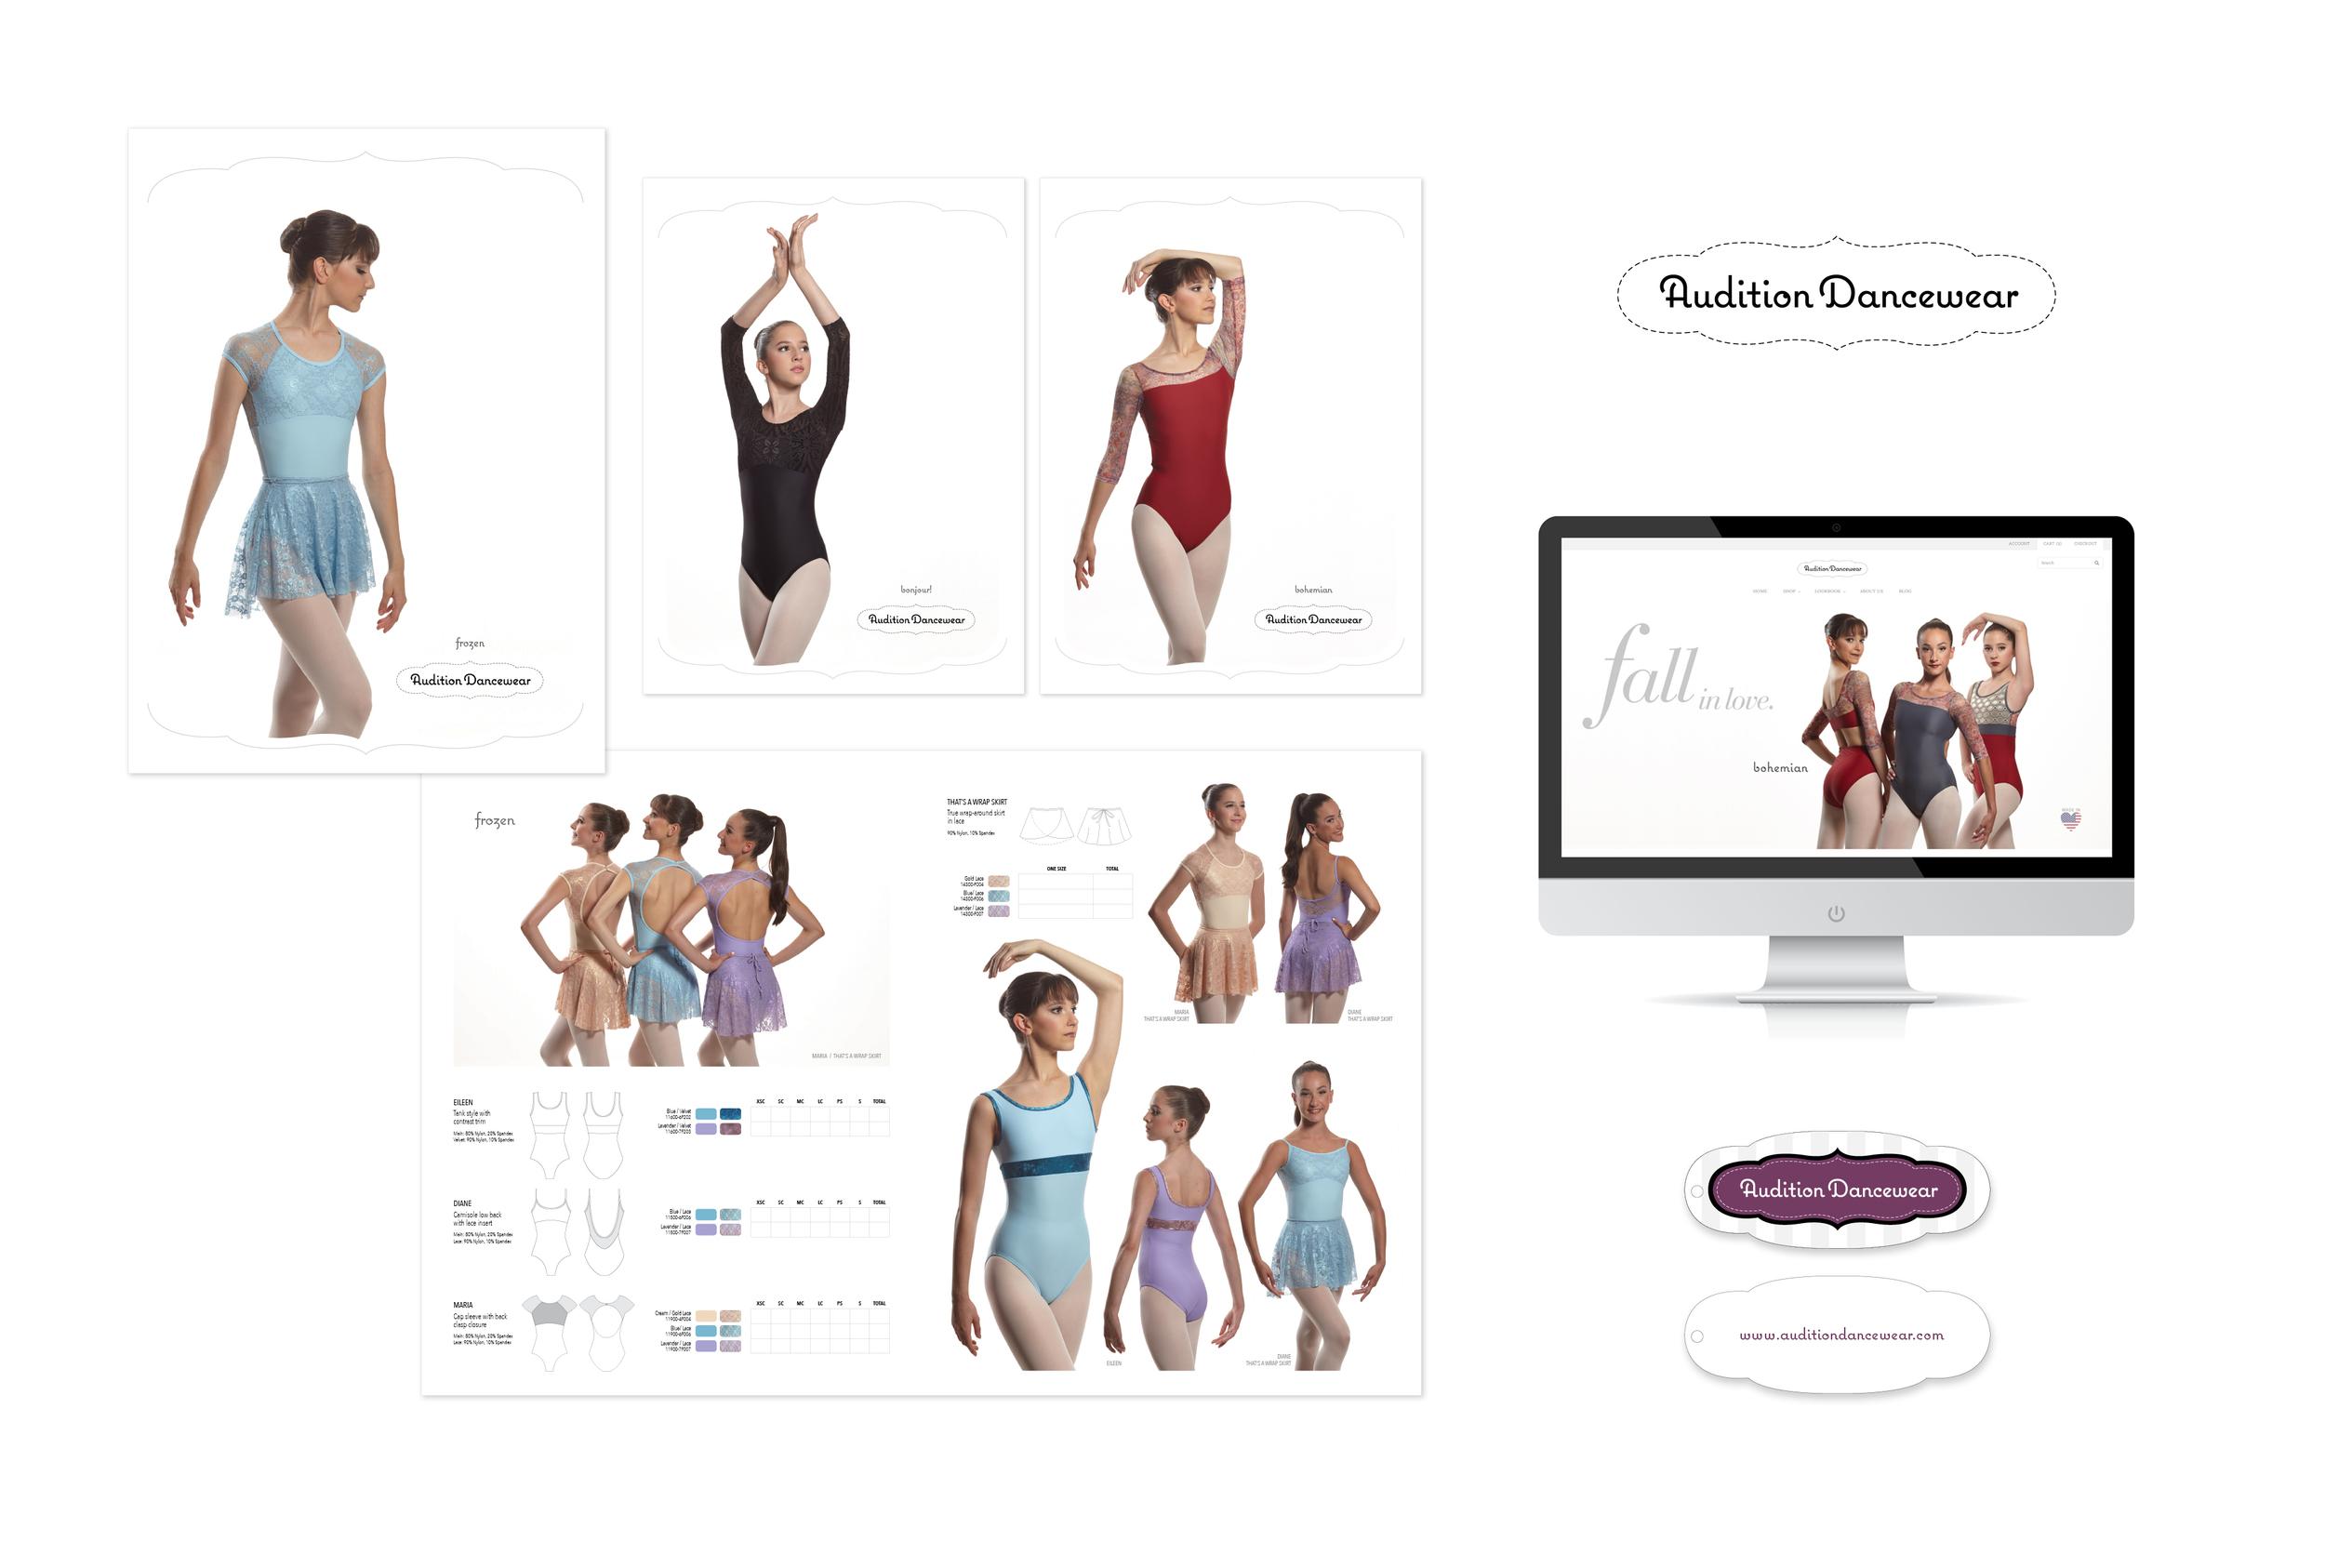 Client: Audition Dancewear